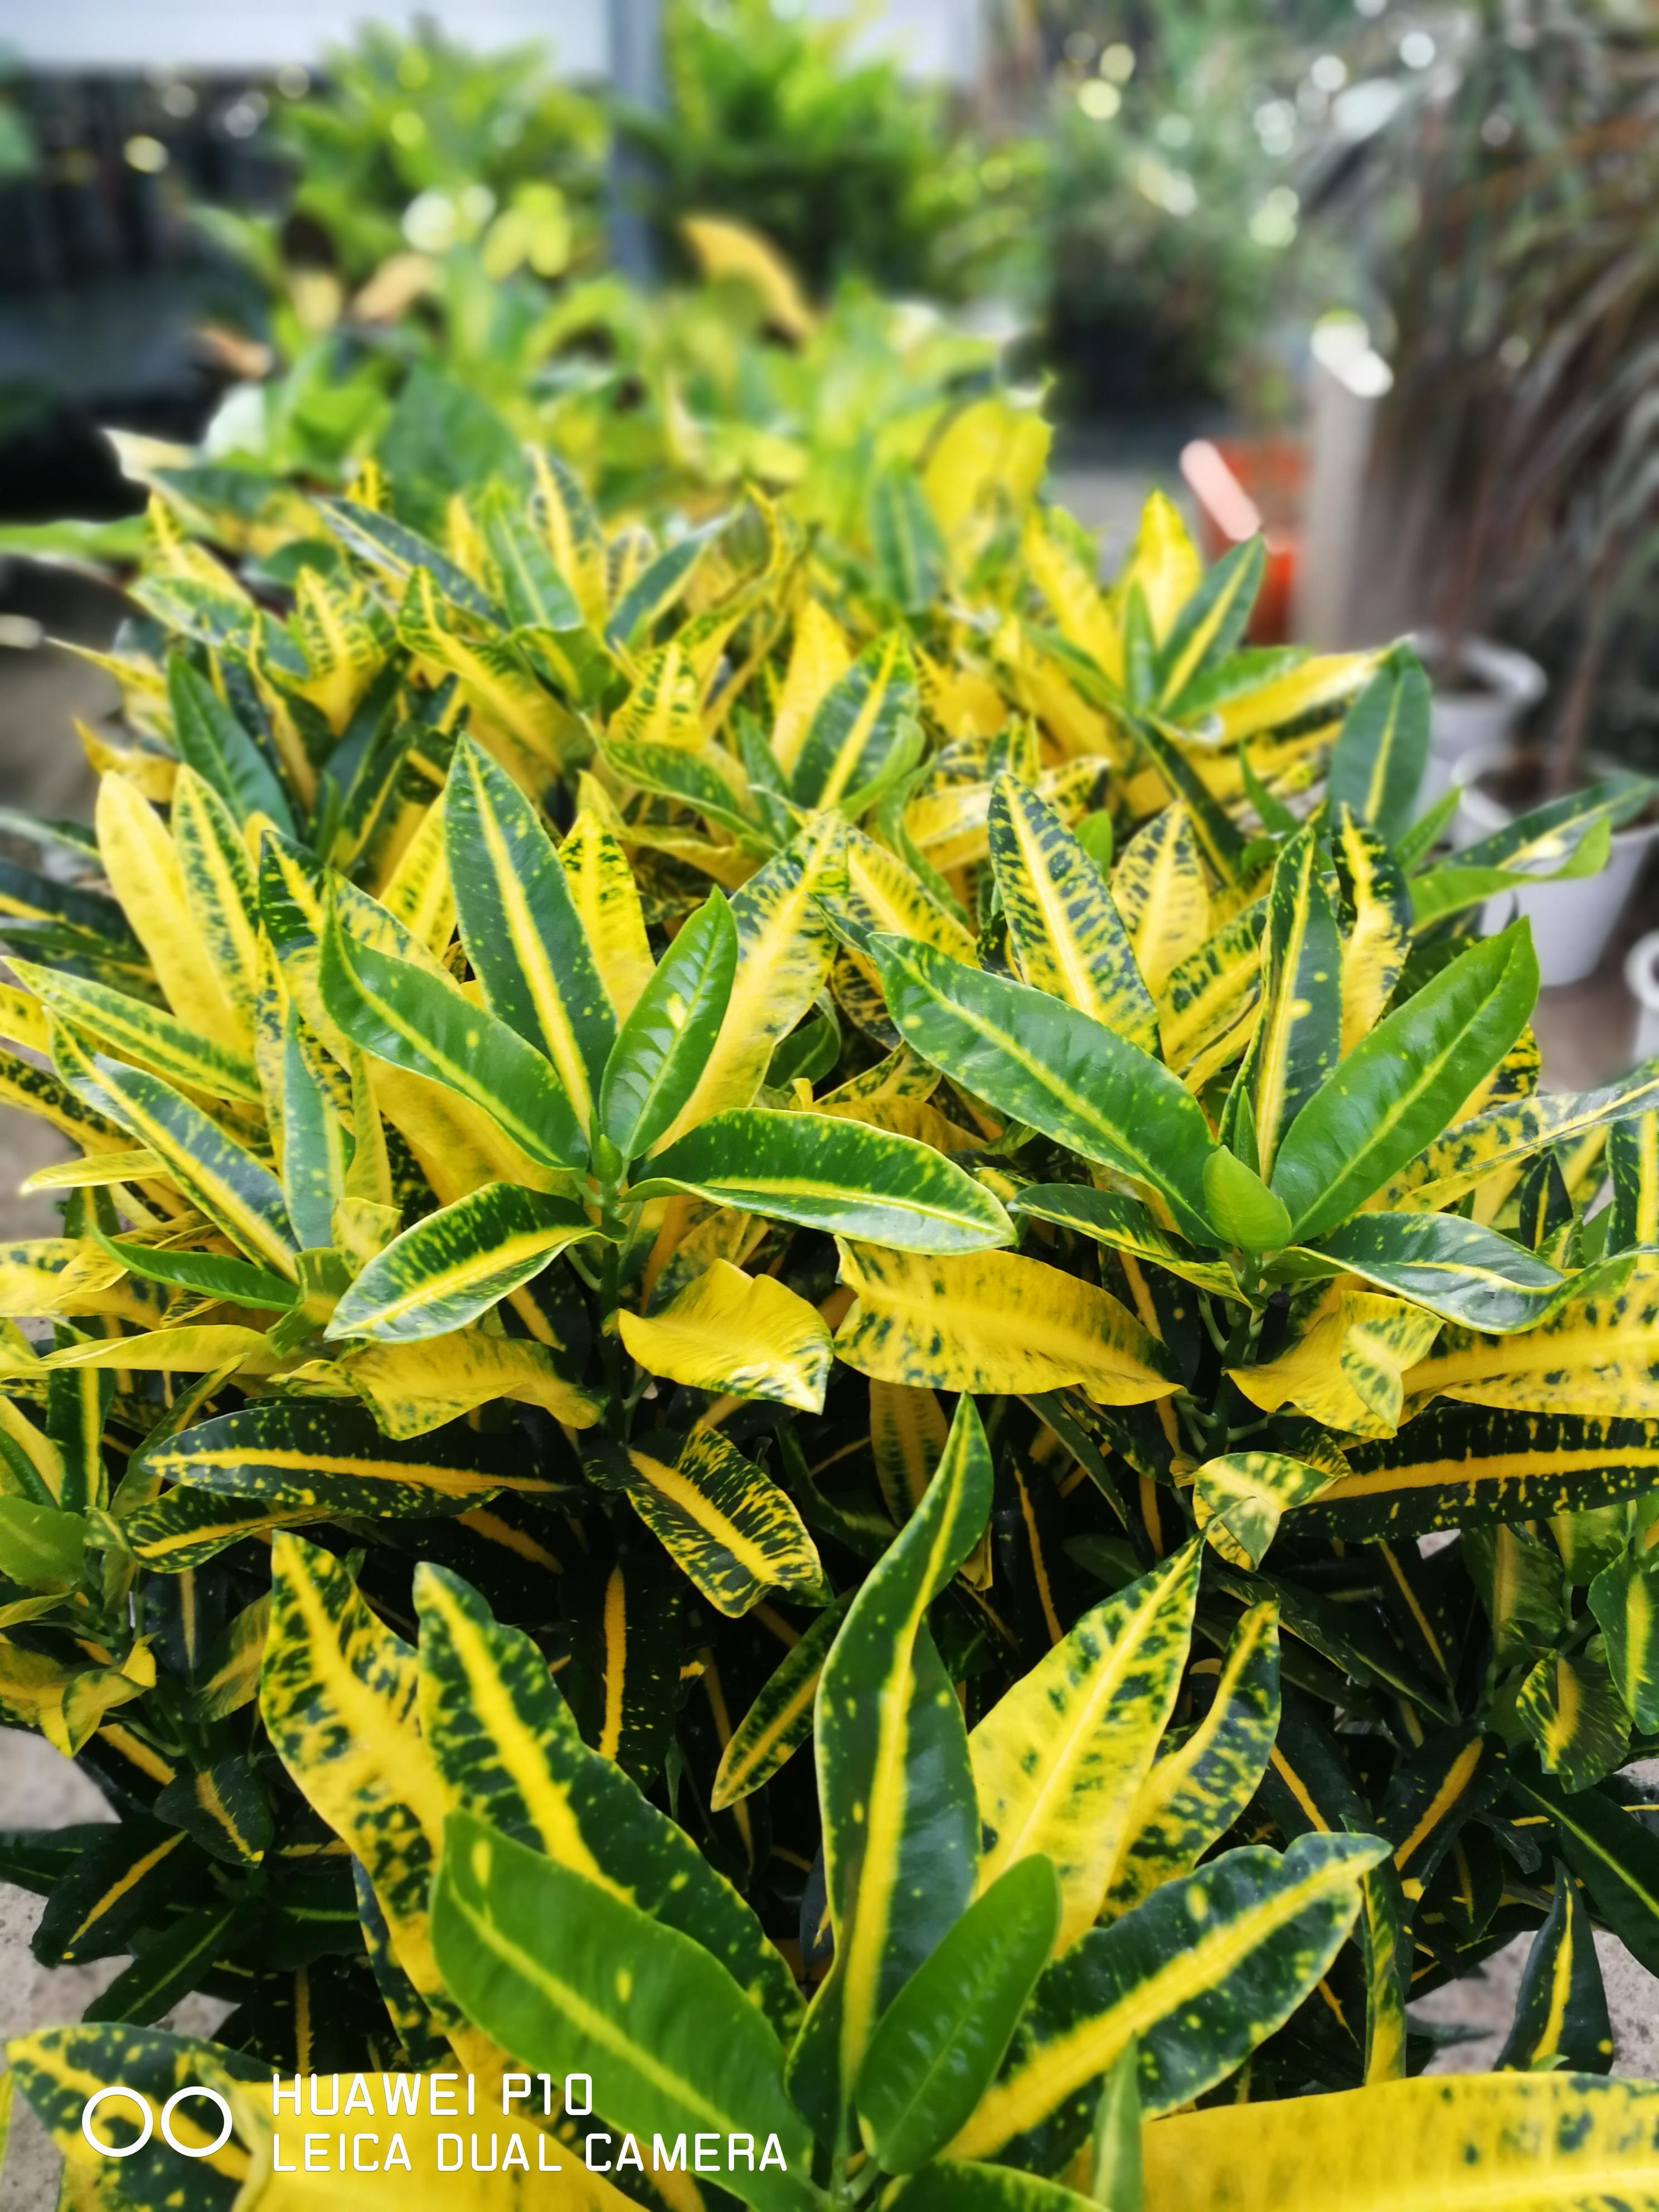 Ο Κρότωνας είναι ένα φυτό εντυπωσιακά χρωματιστό, που έχει καταγωγή από τα εξωτικά νησιά του Ειρηνικού και τη Μαλαισία. Πρόκειται για ένα θαμνώδες φυτό με φύλλα που έχουν σαρκώδη υφή. Μοιάζουν με δέρμα και που αν και αρχικά είναι πράσινα, αλλάζουν χρώματα καθώς ωριμάζουν.